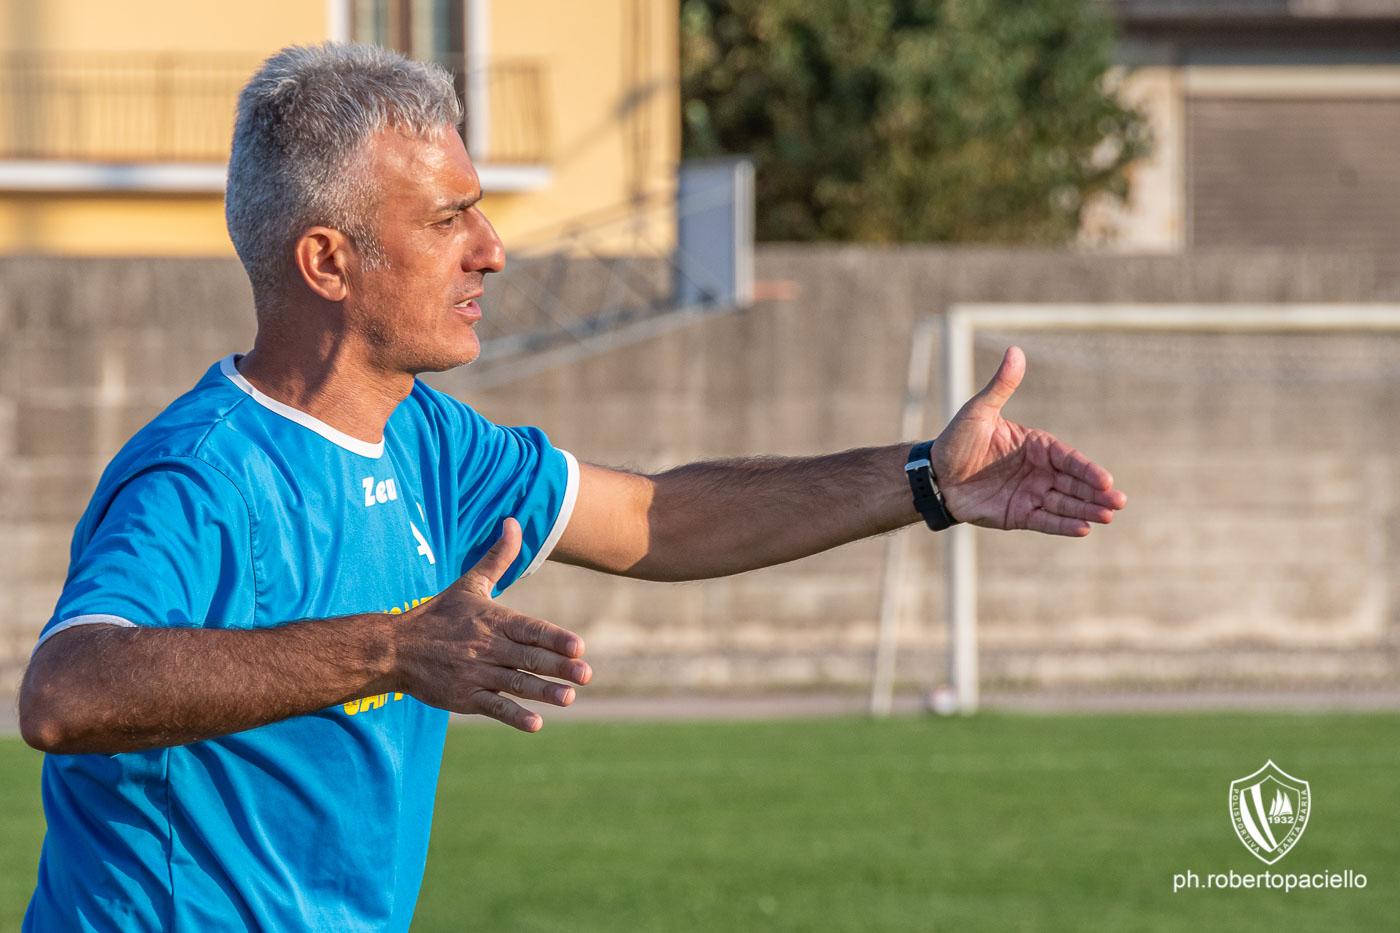 Juve Stabia 4-0 Polisportiva Santa Maria, il commento di Nicoletti